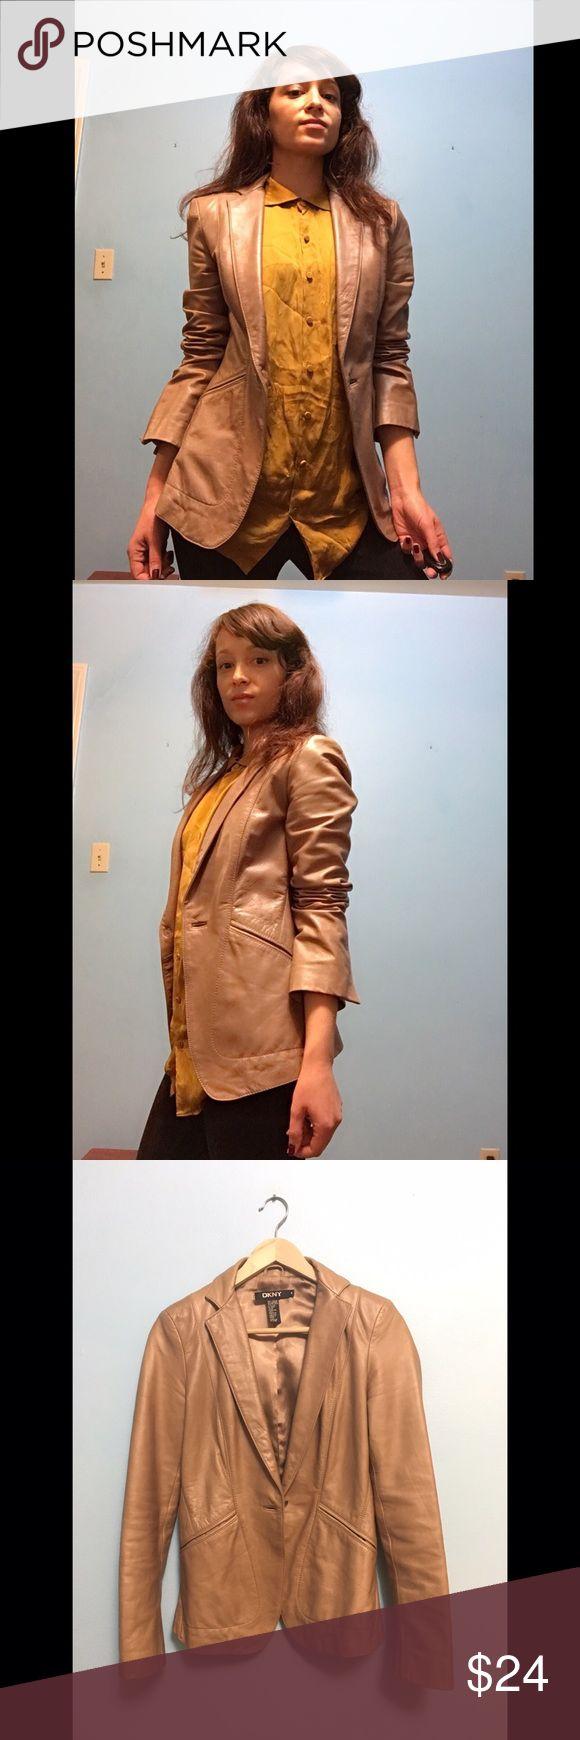 DKNY leather blazer Slim DKNY tan leather blazer. Tight elegant silhouette. Slightly distressed. DKNY Jackets & Coats Blazers